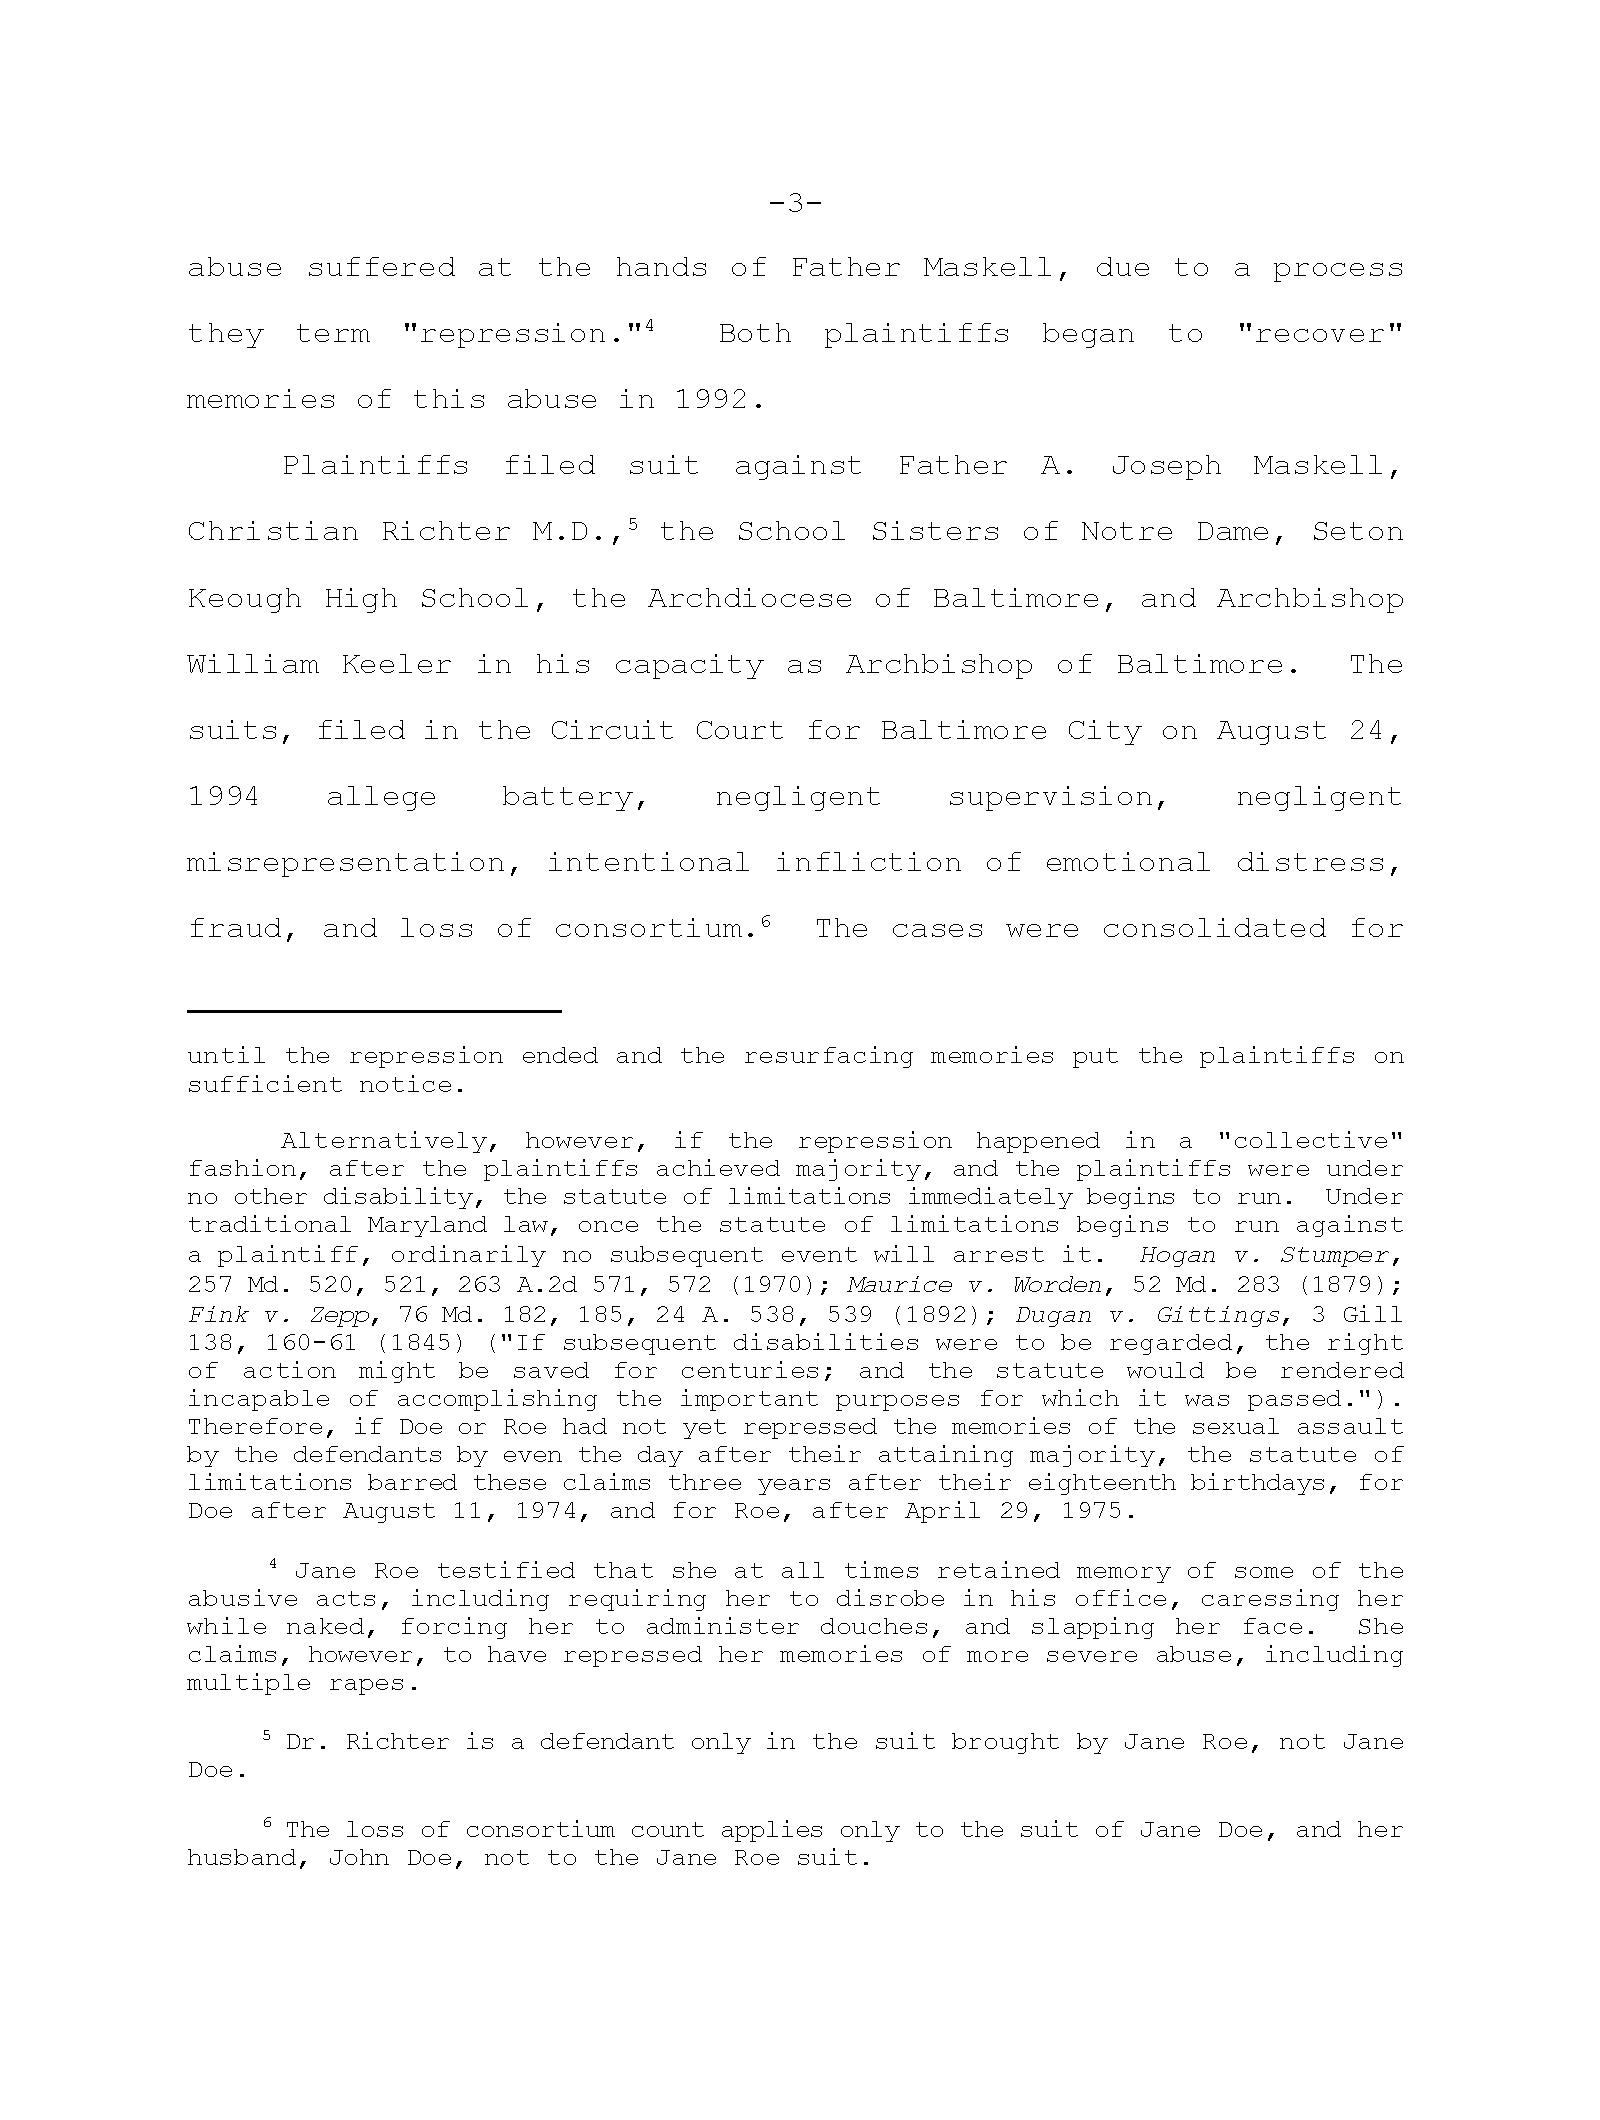 Copy of doe-v-maskelll05.png